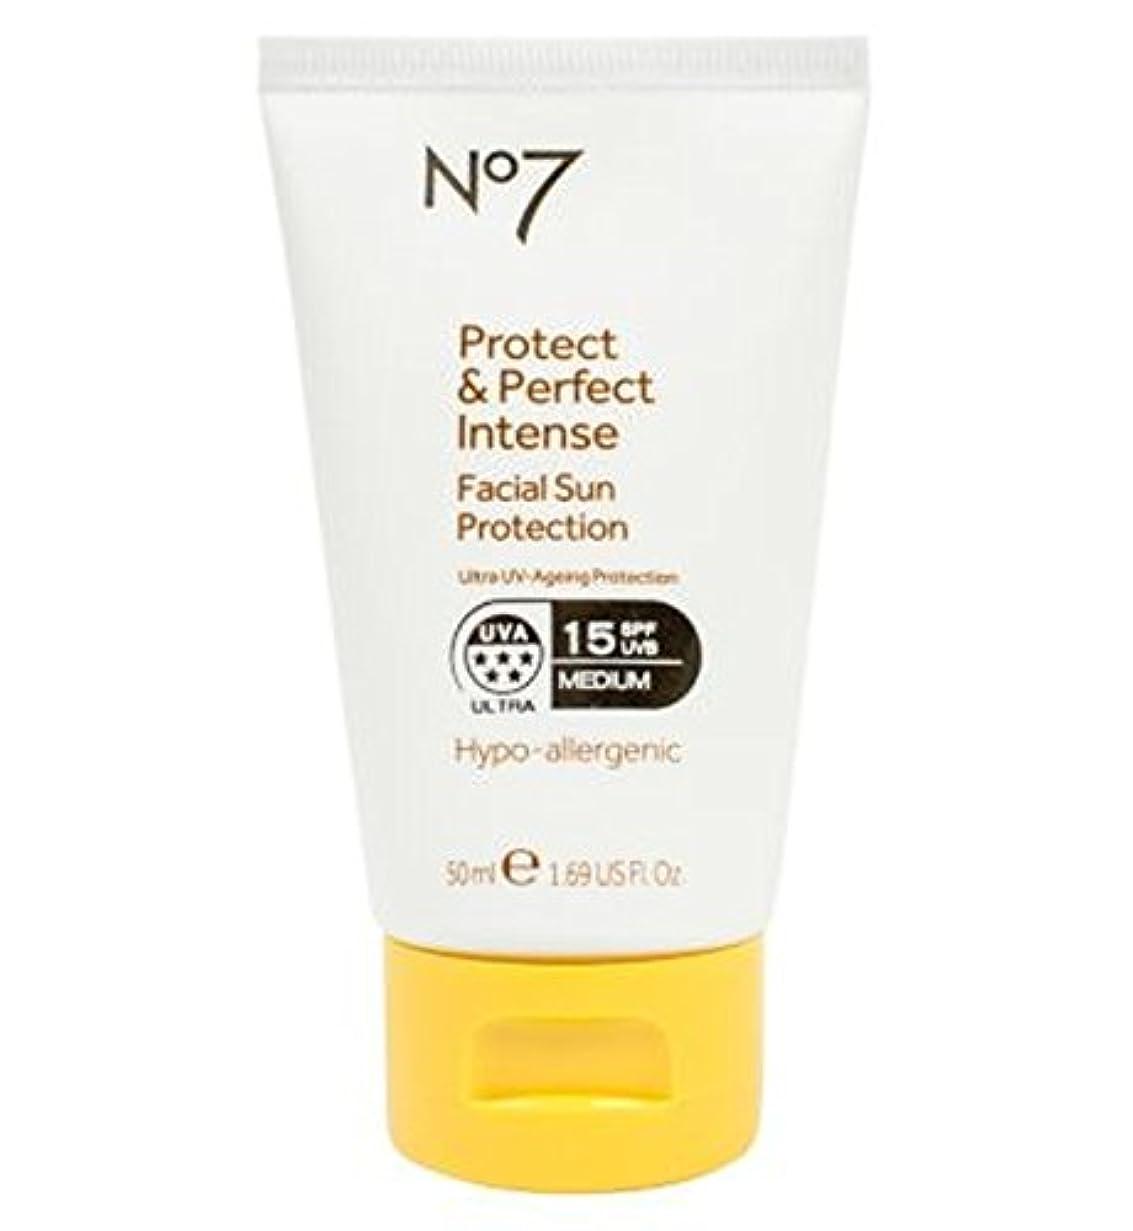 灌漑鼓舞するコーンウォールNo7 Protect & Perfect Intense Facial Sun Protection SPF 15 50ml - No7保護&完璧な強烈な顔の日焼け防止Spf 15 50ミリリットル (No7) [並行輸入品]